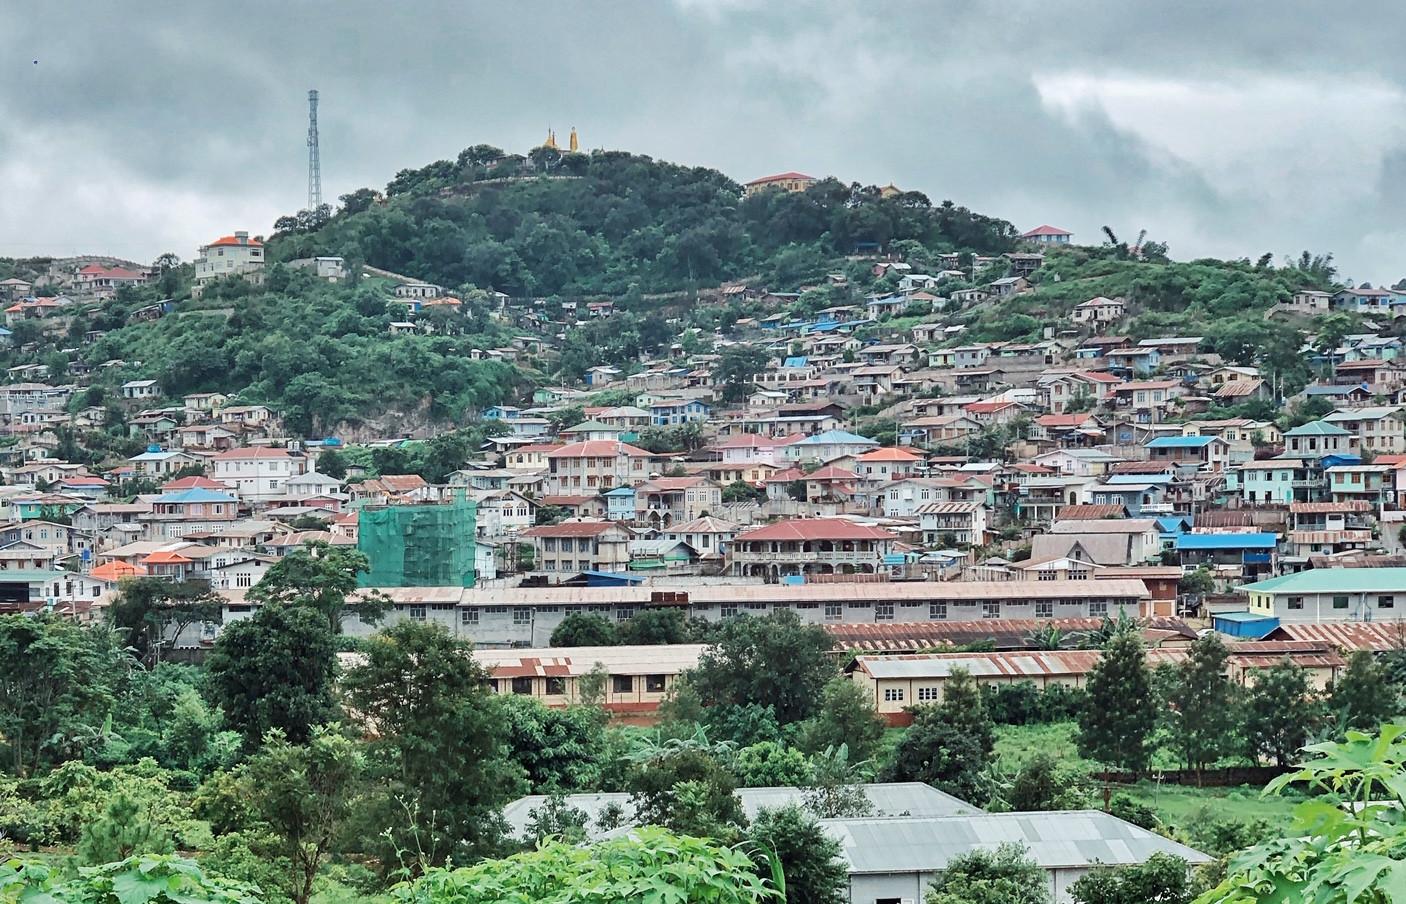 म्यानमारमा नेपालीभाषीको बाक्लो बस्ती रहेको 'शान' प्रदेश। तस्बिर: दीपक भट्टराई